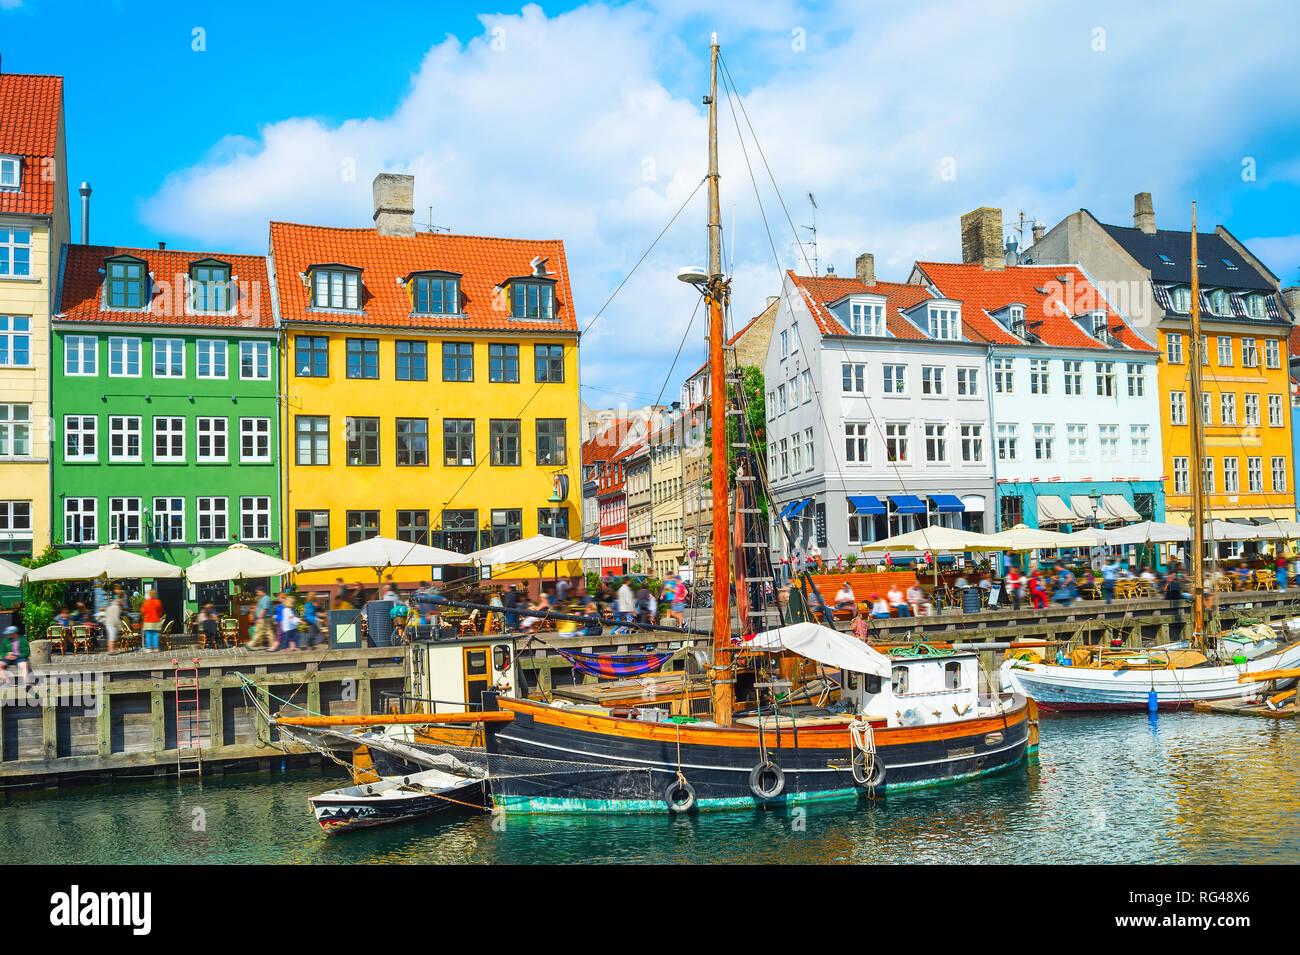 Vue panoramique sur Nyhavn avec des bateaux par un remblai en plein soleil, les gens marcher et s'asseoir dans les restaurants, Copenhague, Danemark Banque D'Images